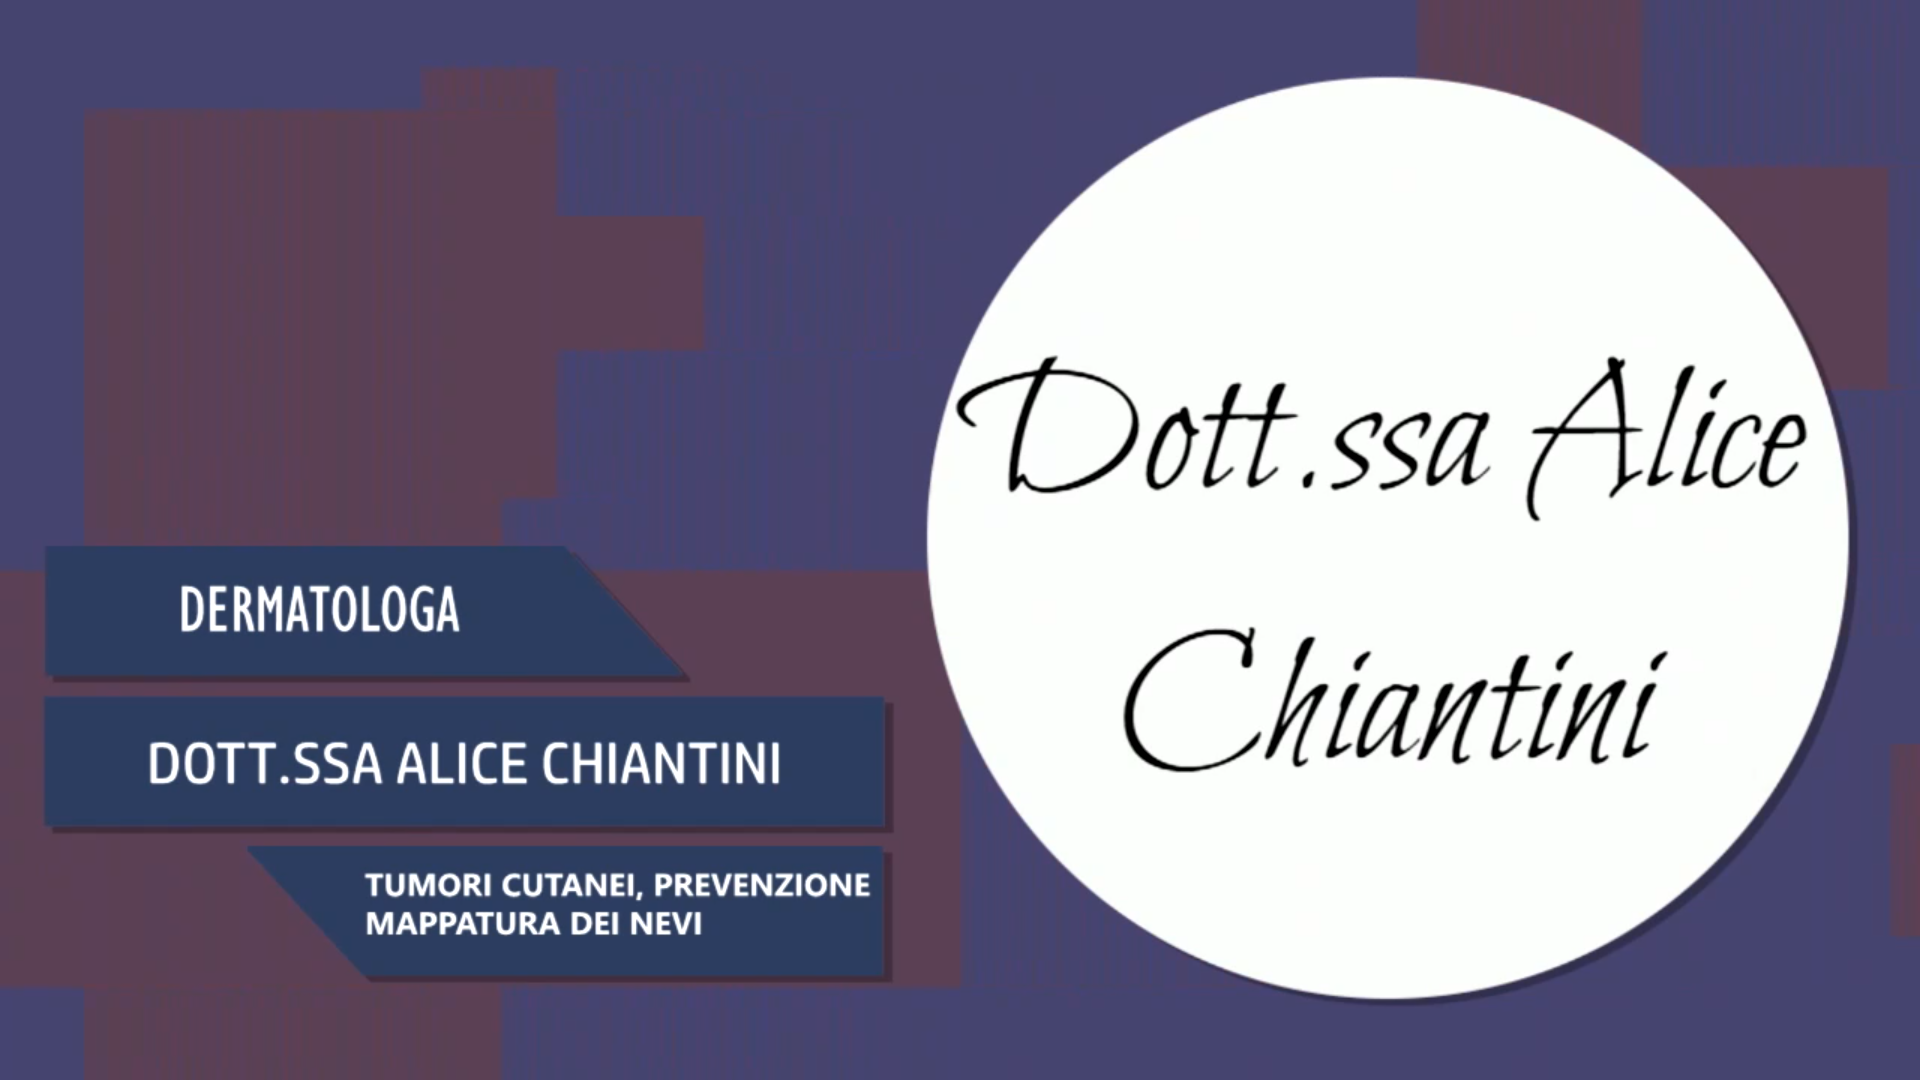 Intervista alla Dott.ssa Alice Chiantini – Tumori cutanei, prevenzione, mappatura dei nevi